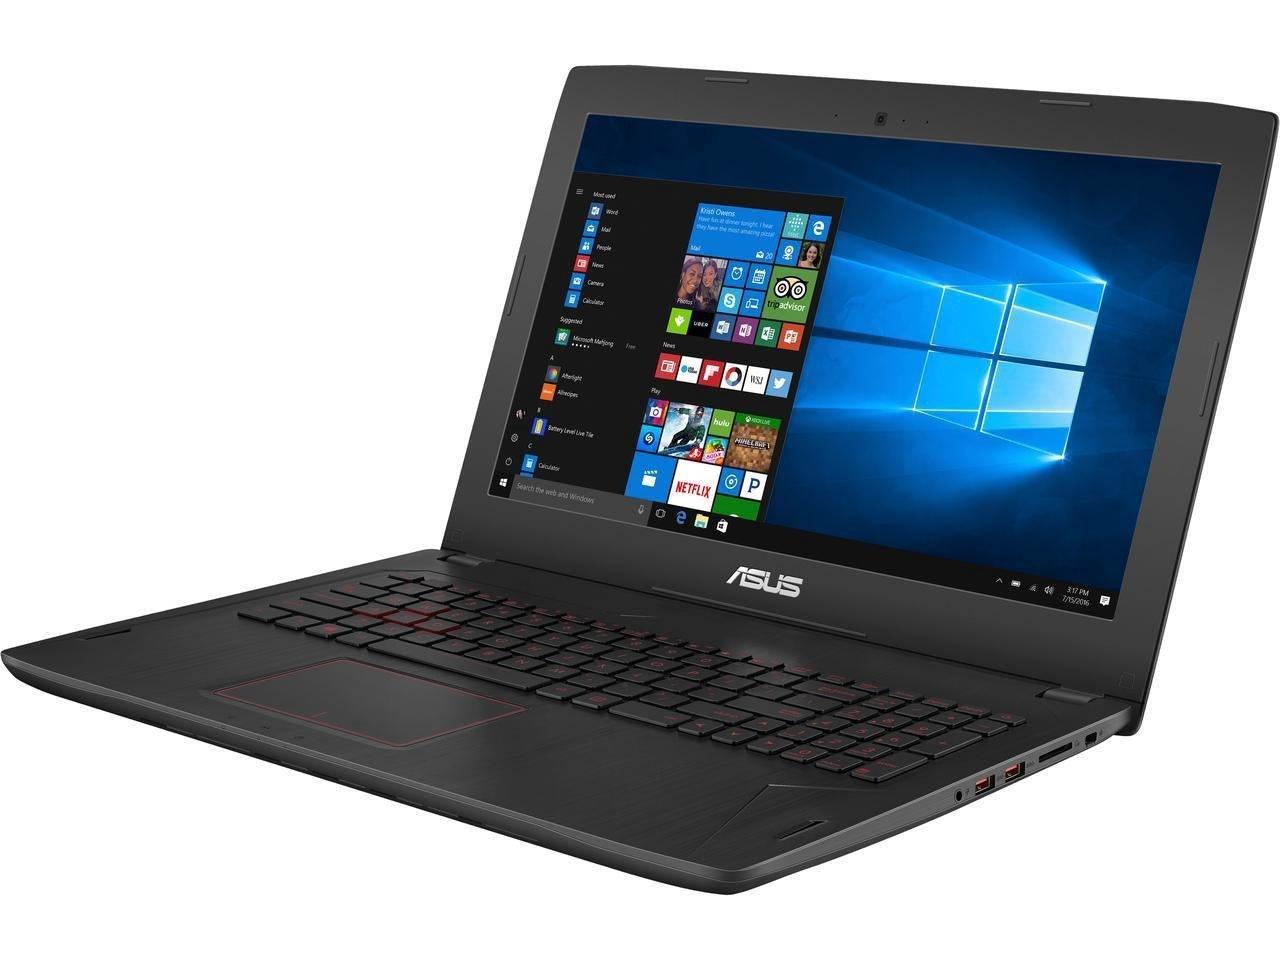 Amazon.com: ASUS FX502VD-NB76 15.6